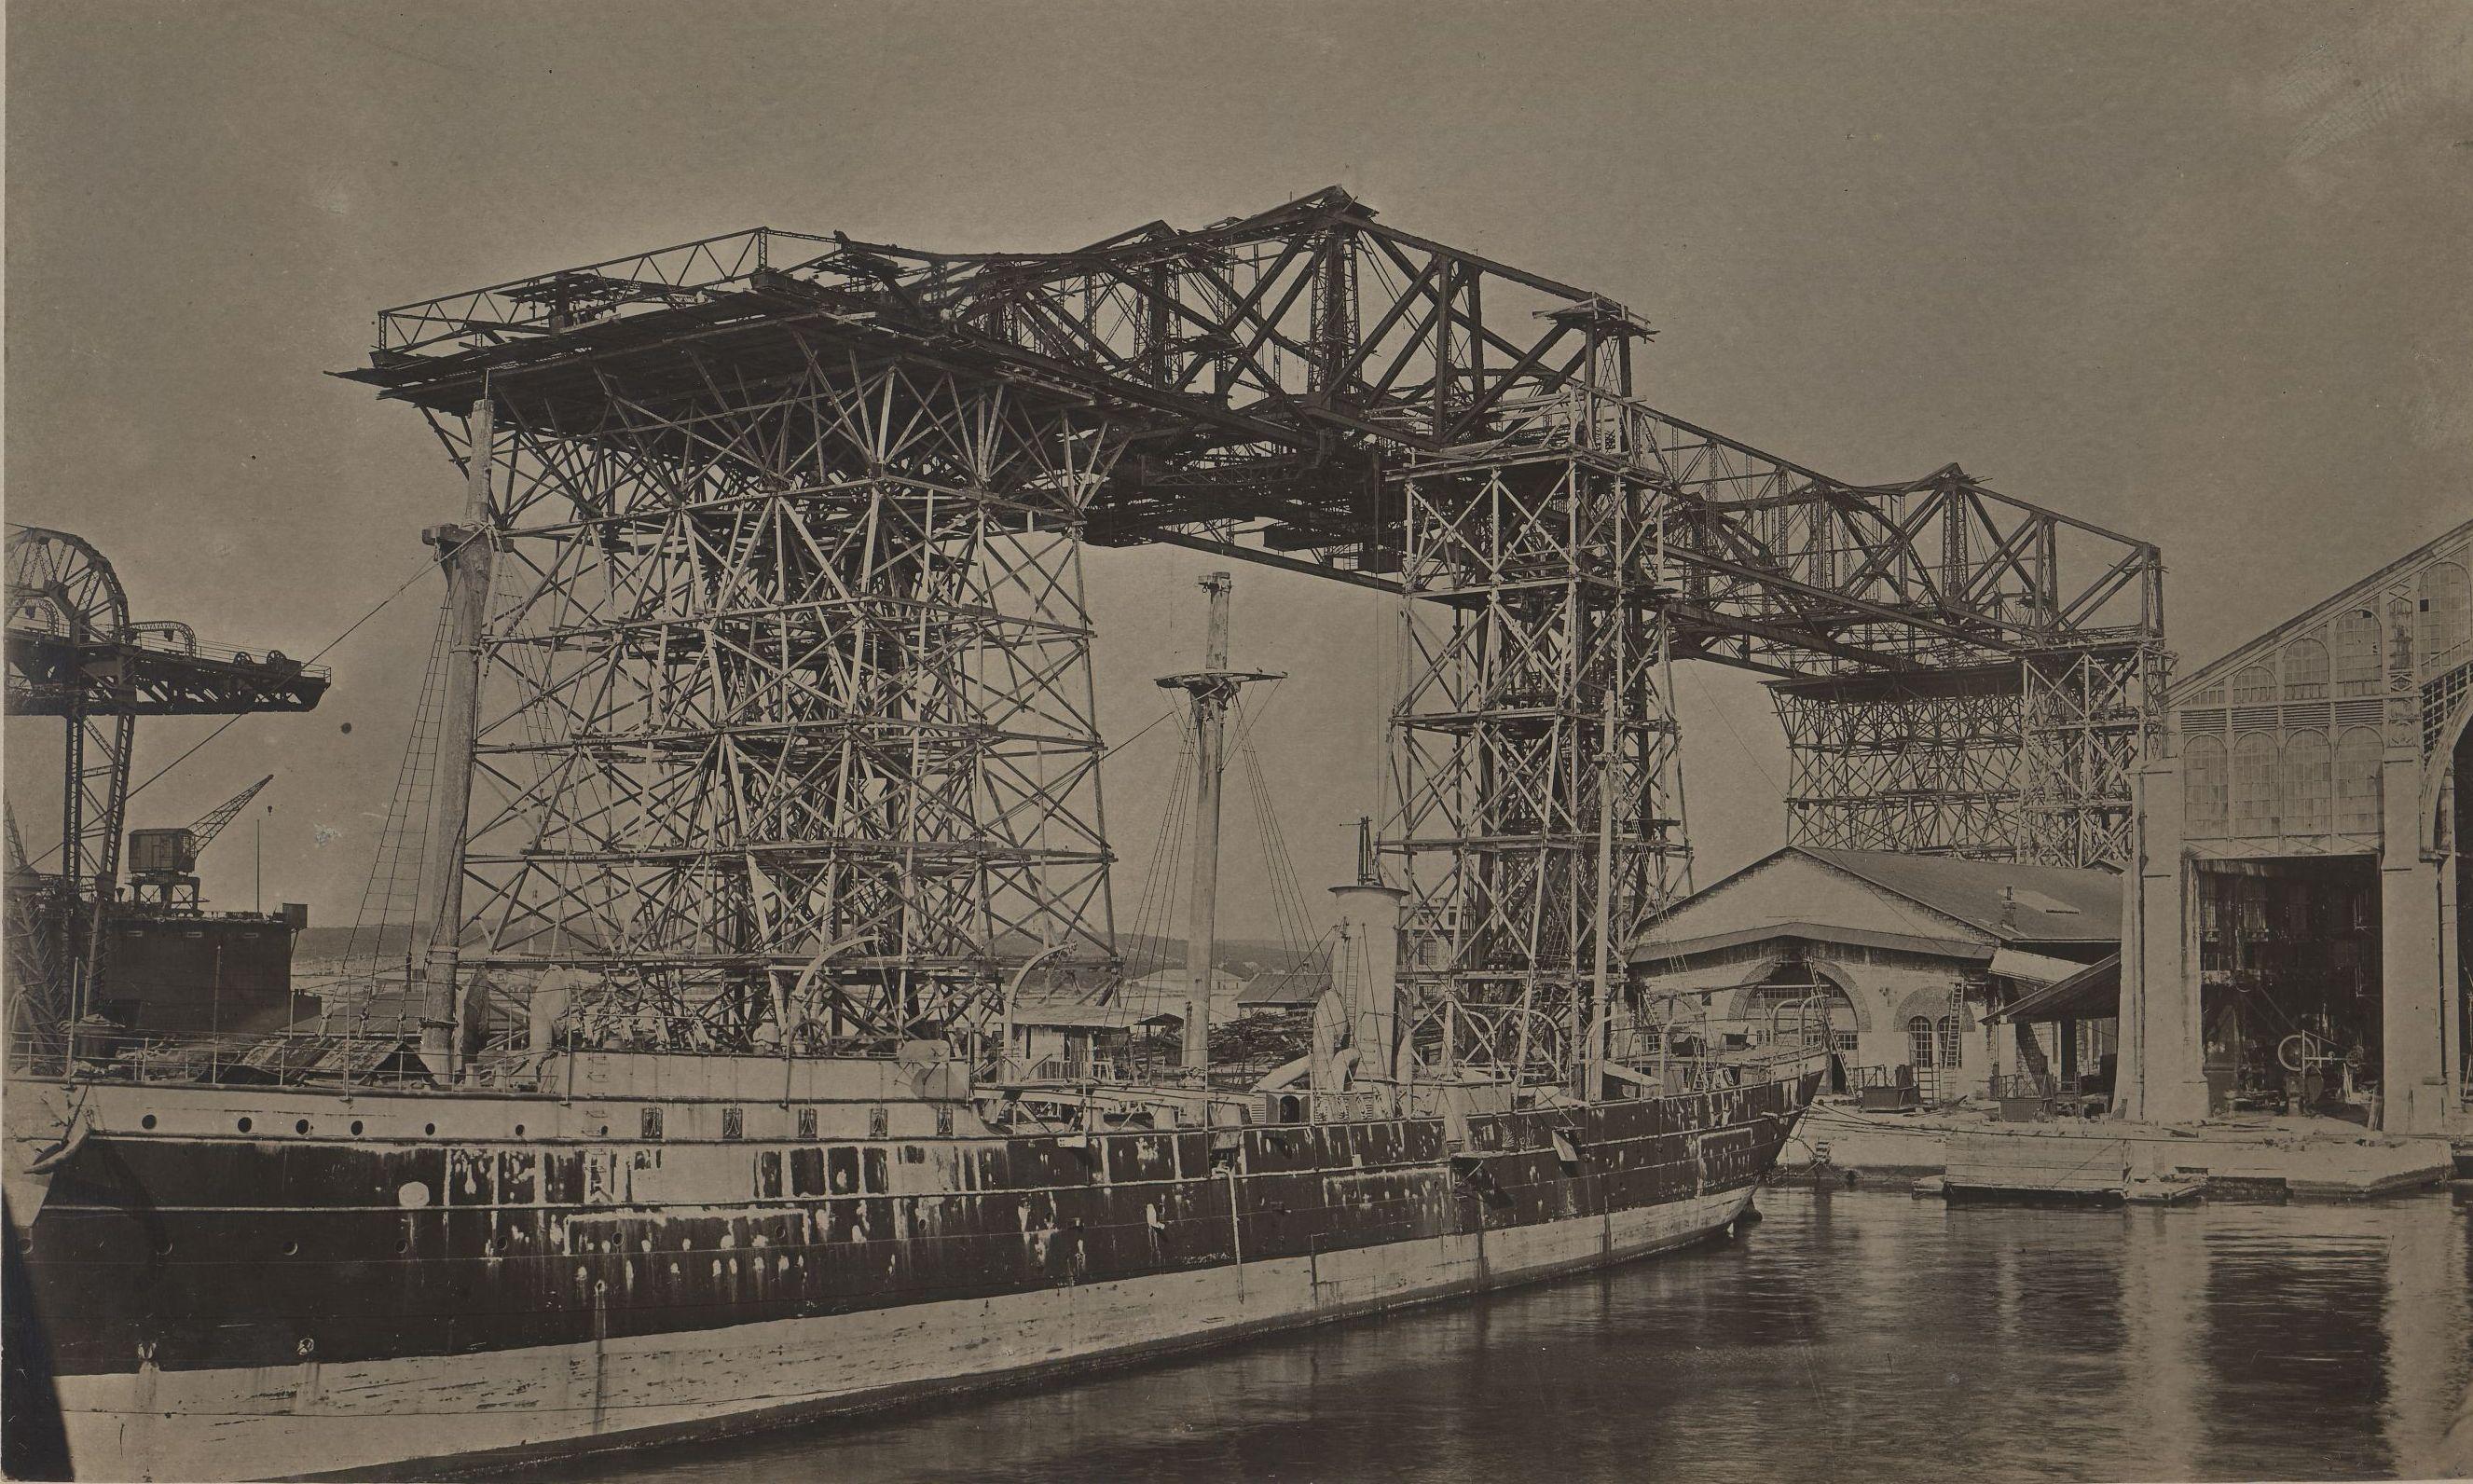 Od osnivanja brodogradilišta do sloma austrougarske vlasti, u Uljaniku su se gradili i popravljali ratni brodovi. Fotografija prikazuje montiranja brodogradilišne portalne dizalice u konstrukcijskom dijelu Pomorskog arsenala u Puli, oko 1910.